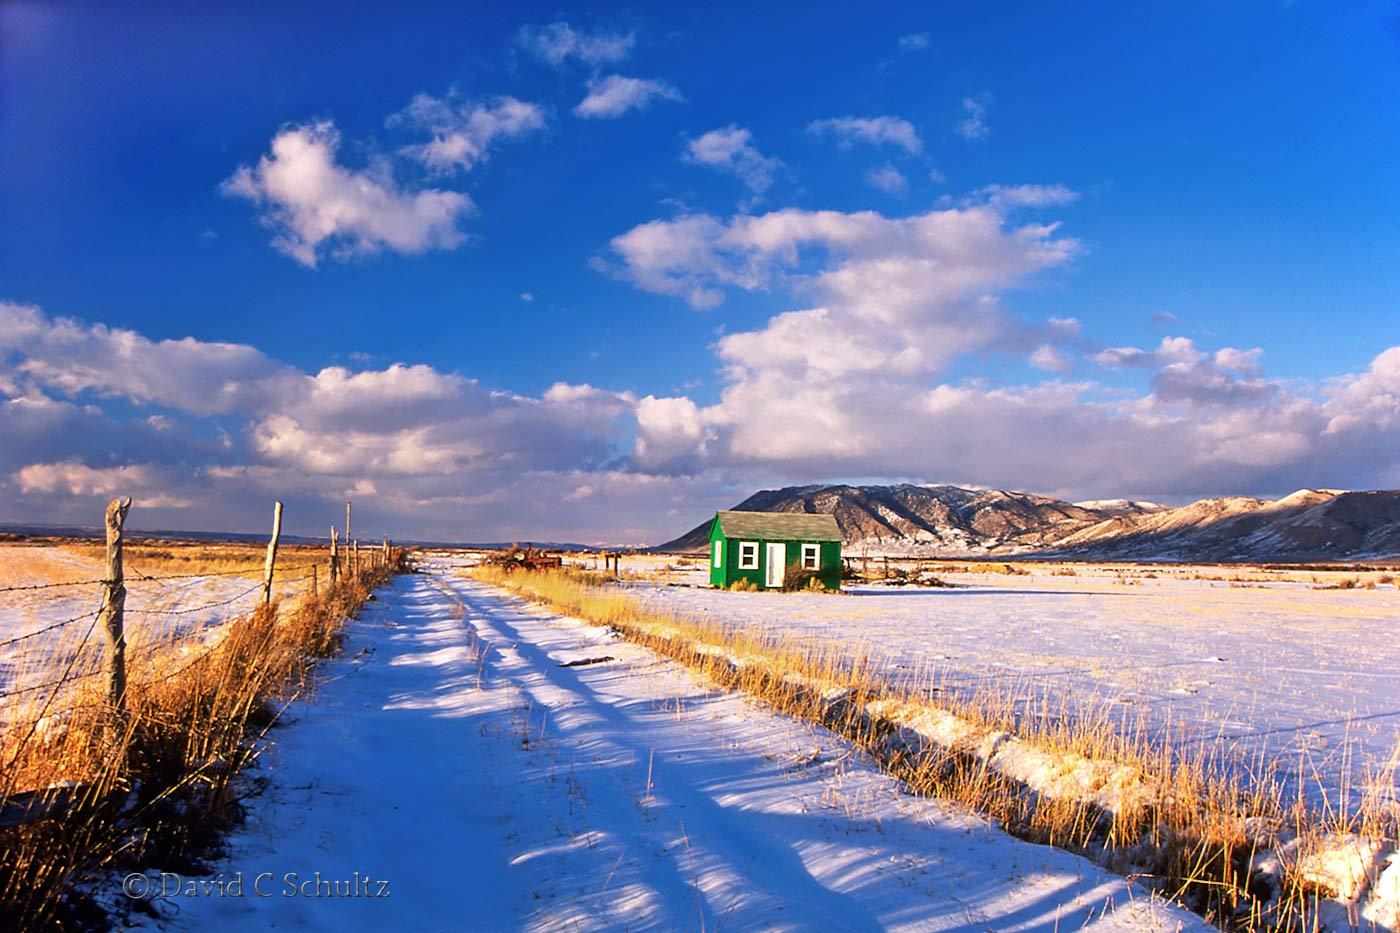 Woodruff Utah - Image #13-1200